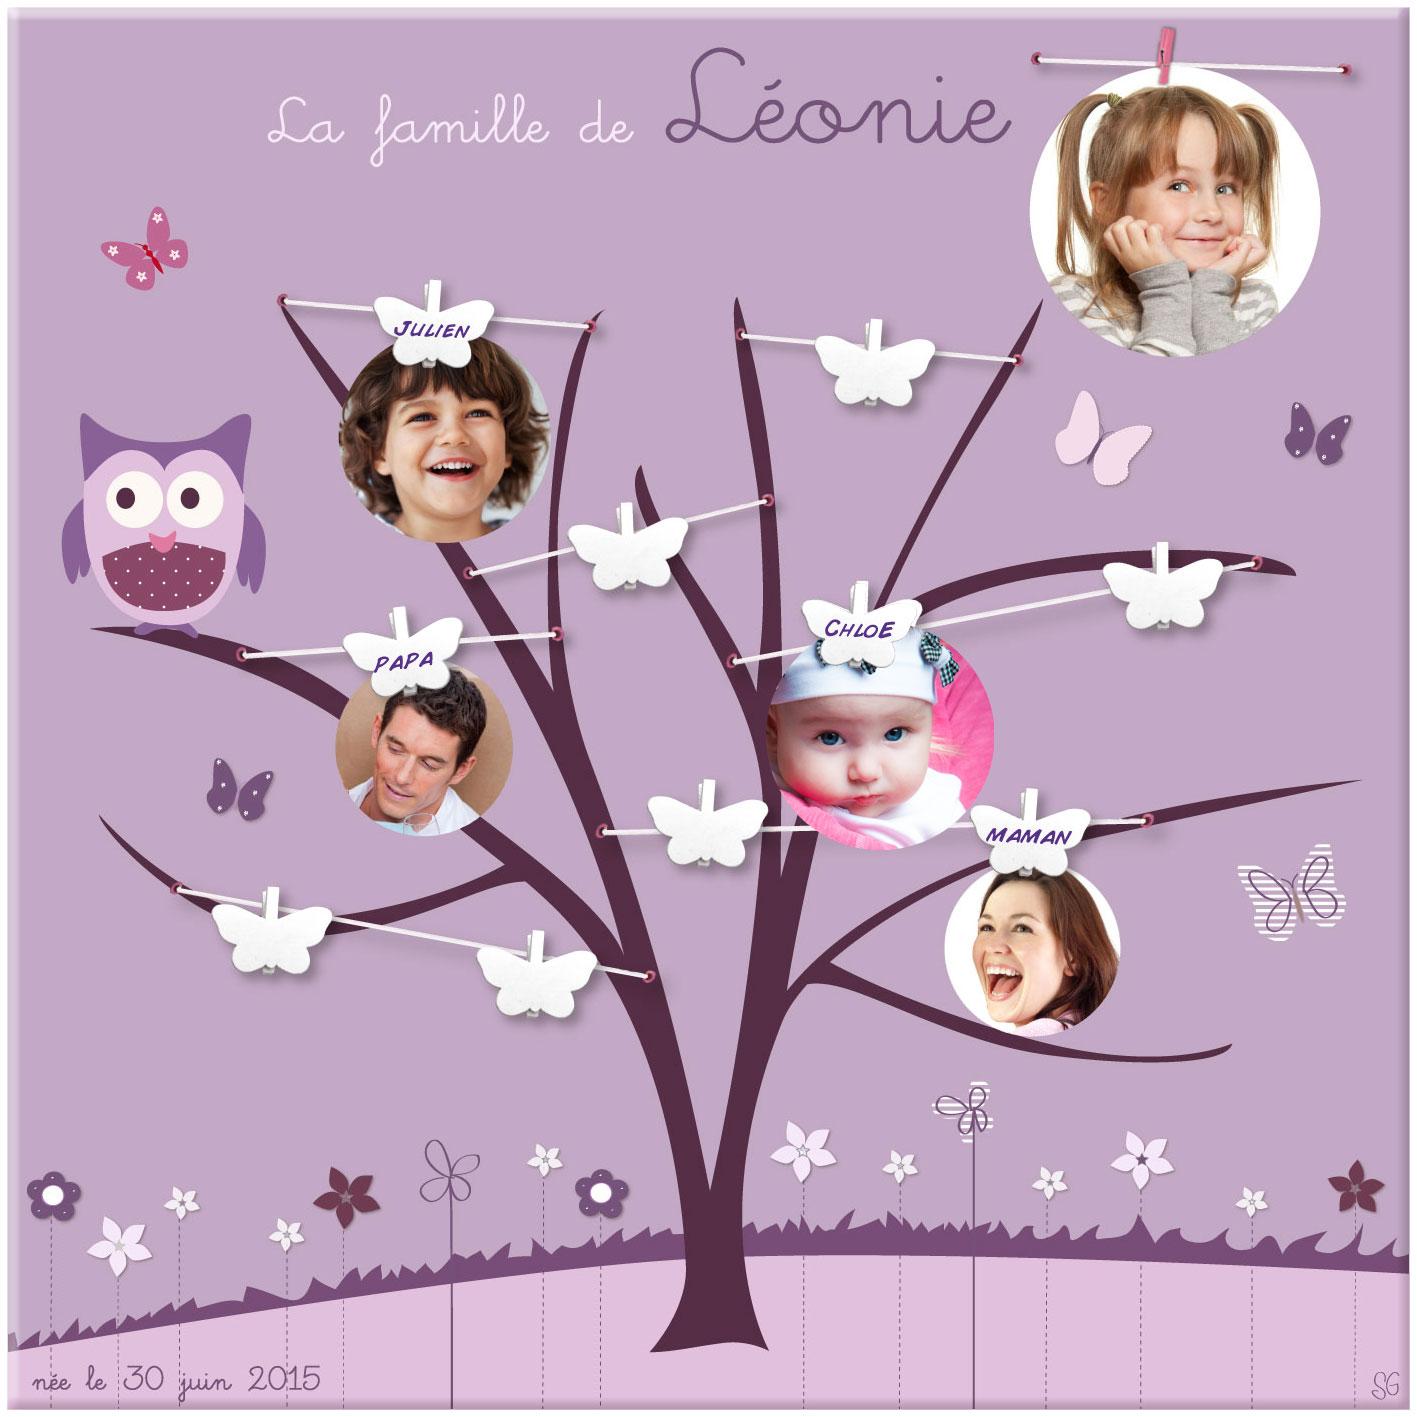 Arbre g n alogique avec lulu la chouette et ses amis papillons - Idee arbre genealogique original ...